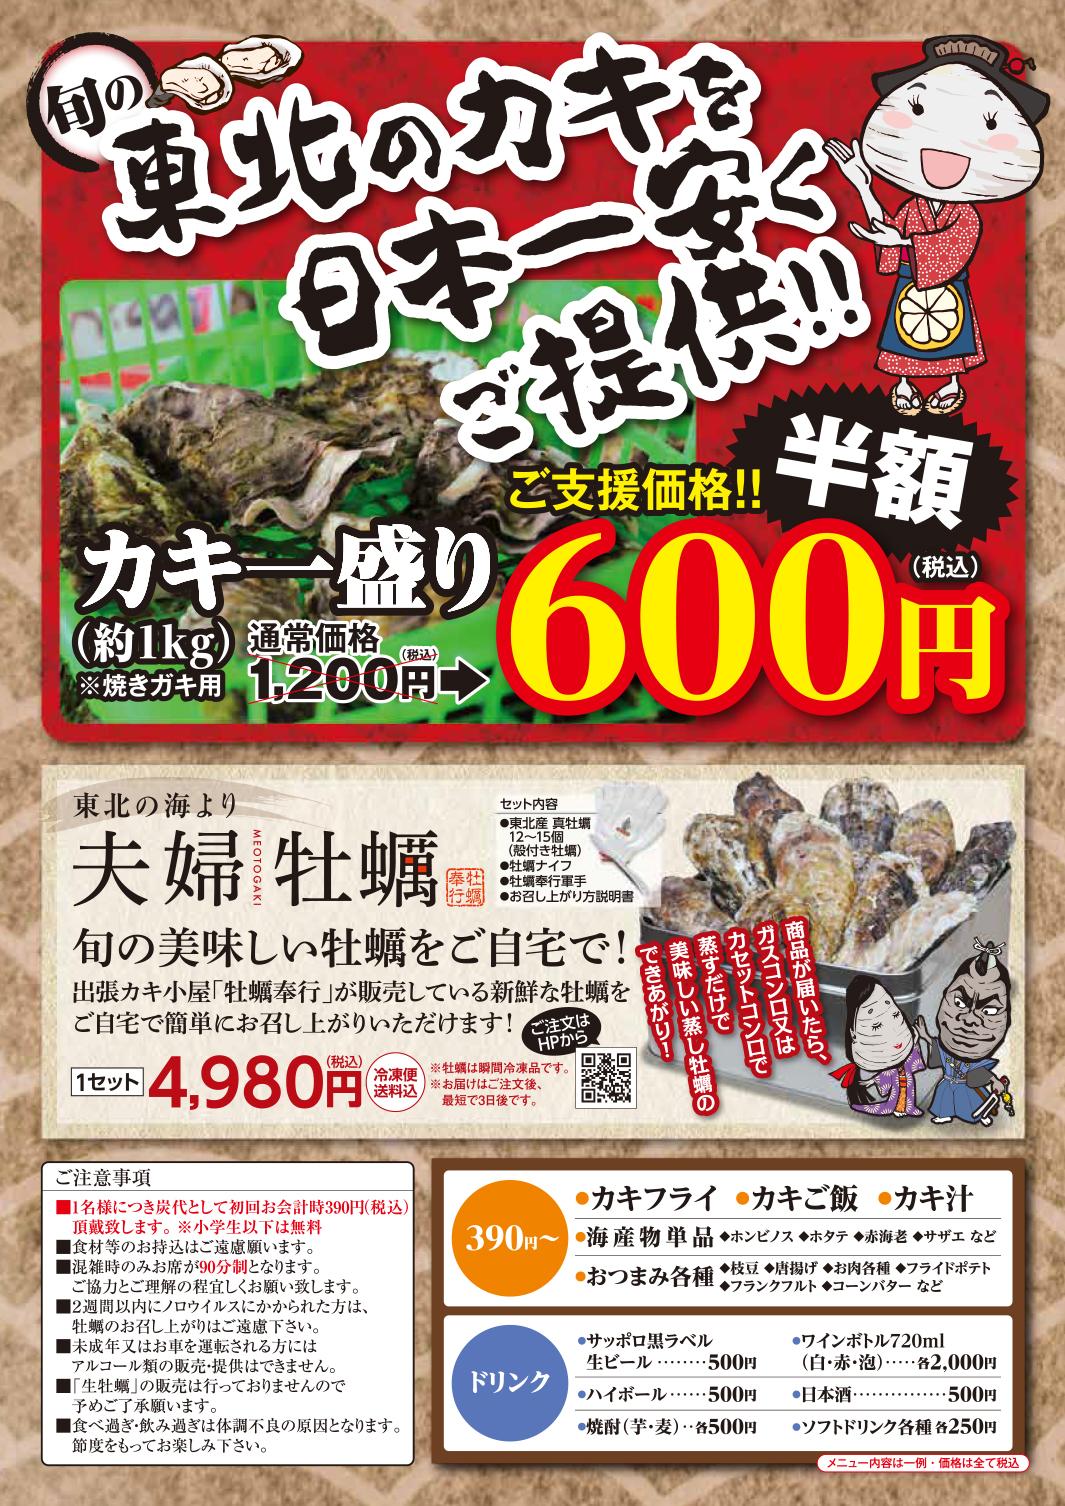 出張カキ小屋「牡蠣奉行」 in 前橋中央イベント広場 チラシ裏面